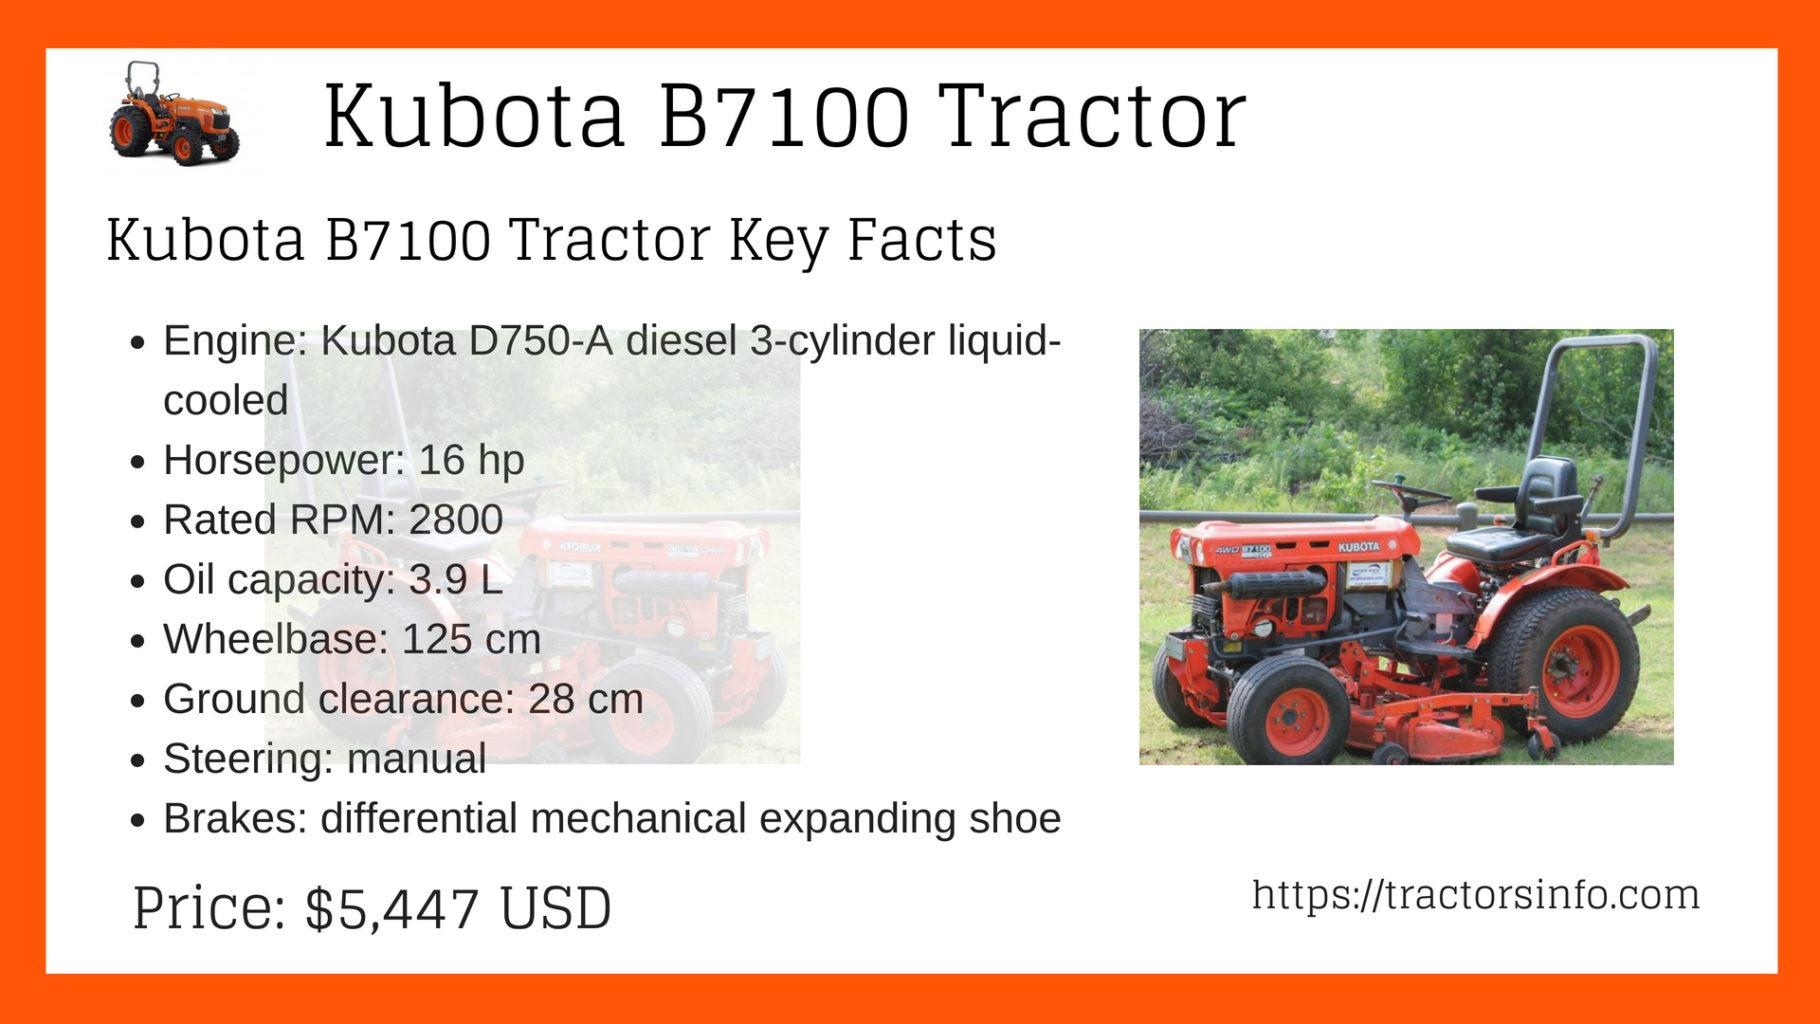 Kubota B7100 Tractor